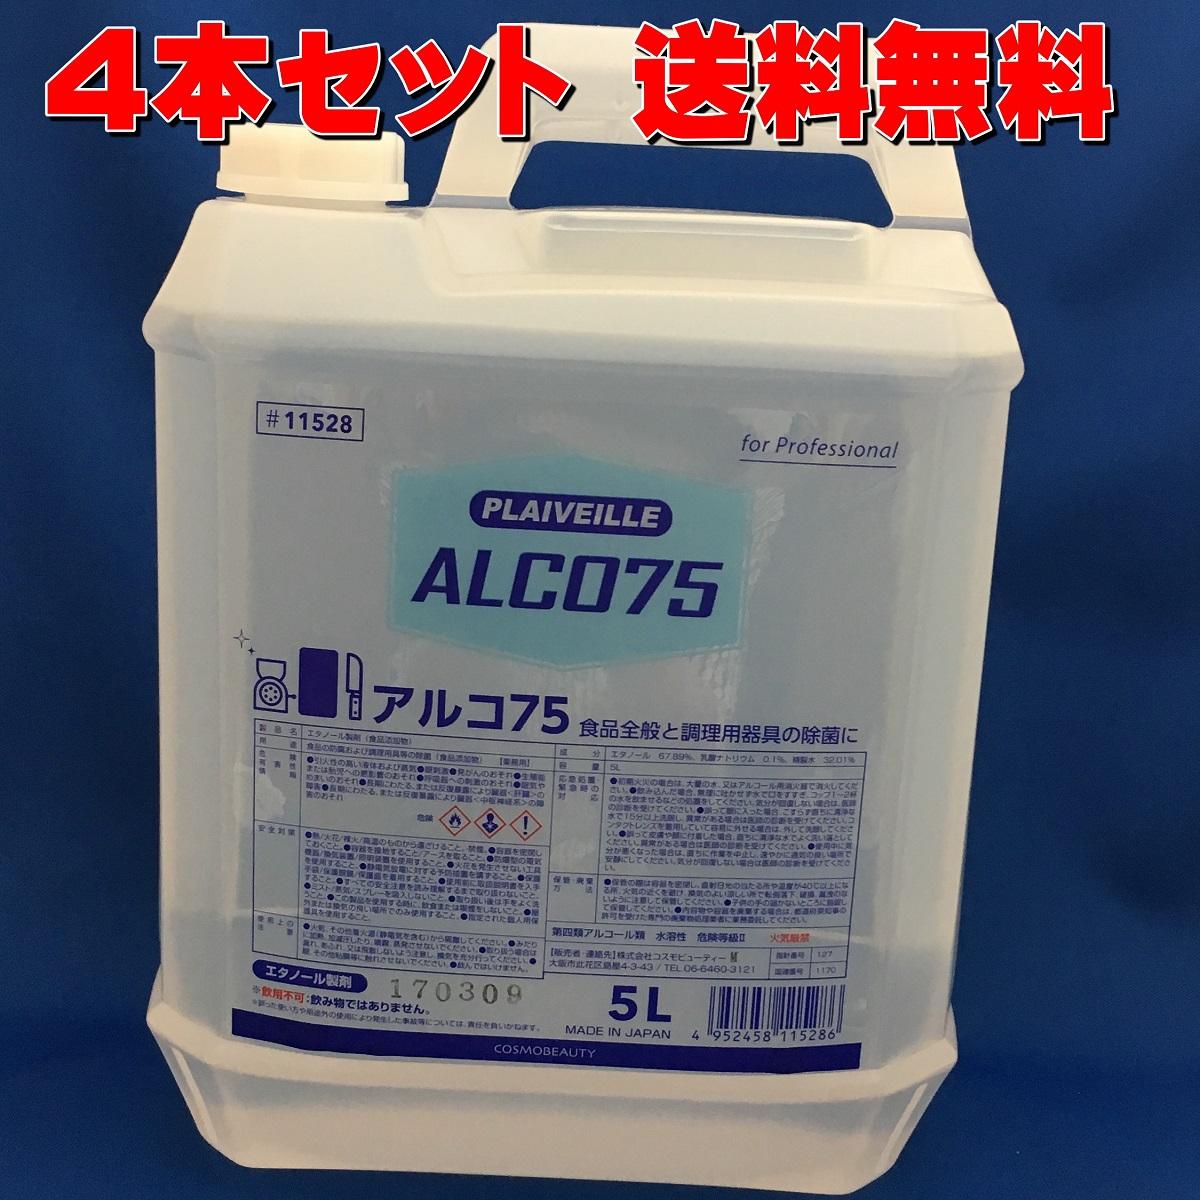 業務用食品添加物・エタノール製剤 クリンバーアルコ75 5×4個 11528 コスモビューティー 送料無料